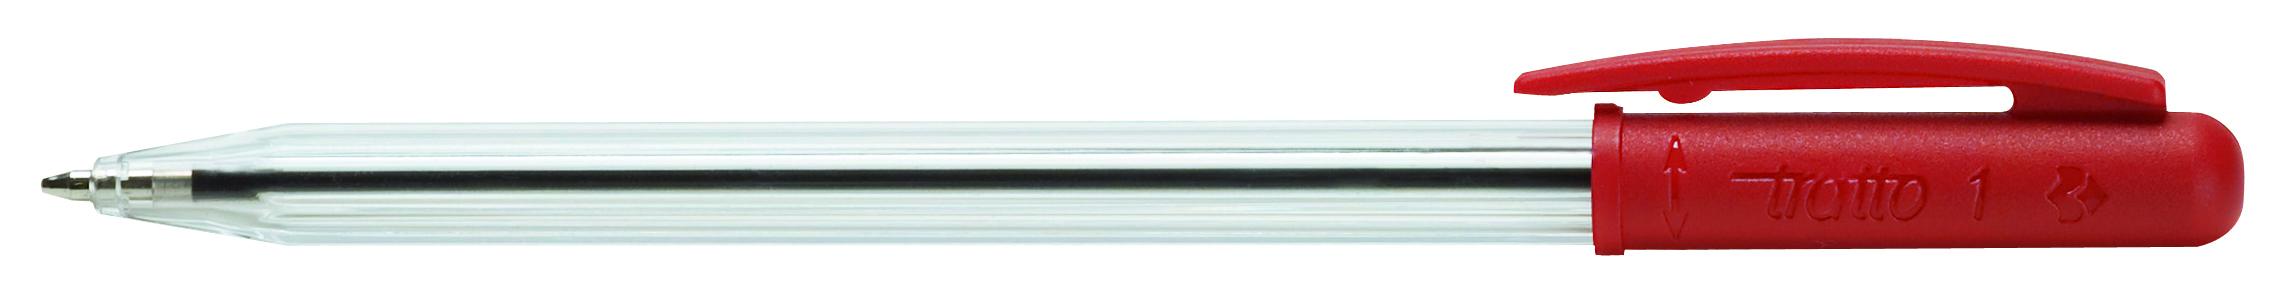 Ручка шариковая Tratto 1 красная поворот 1мм